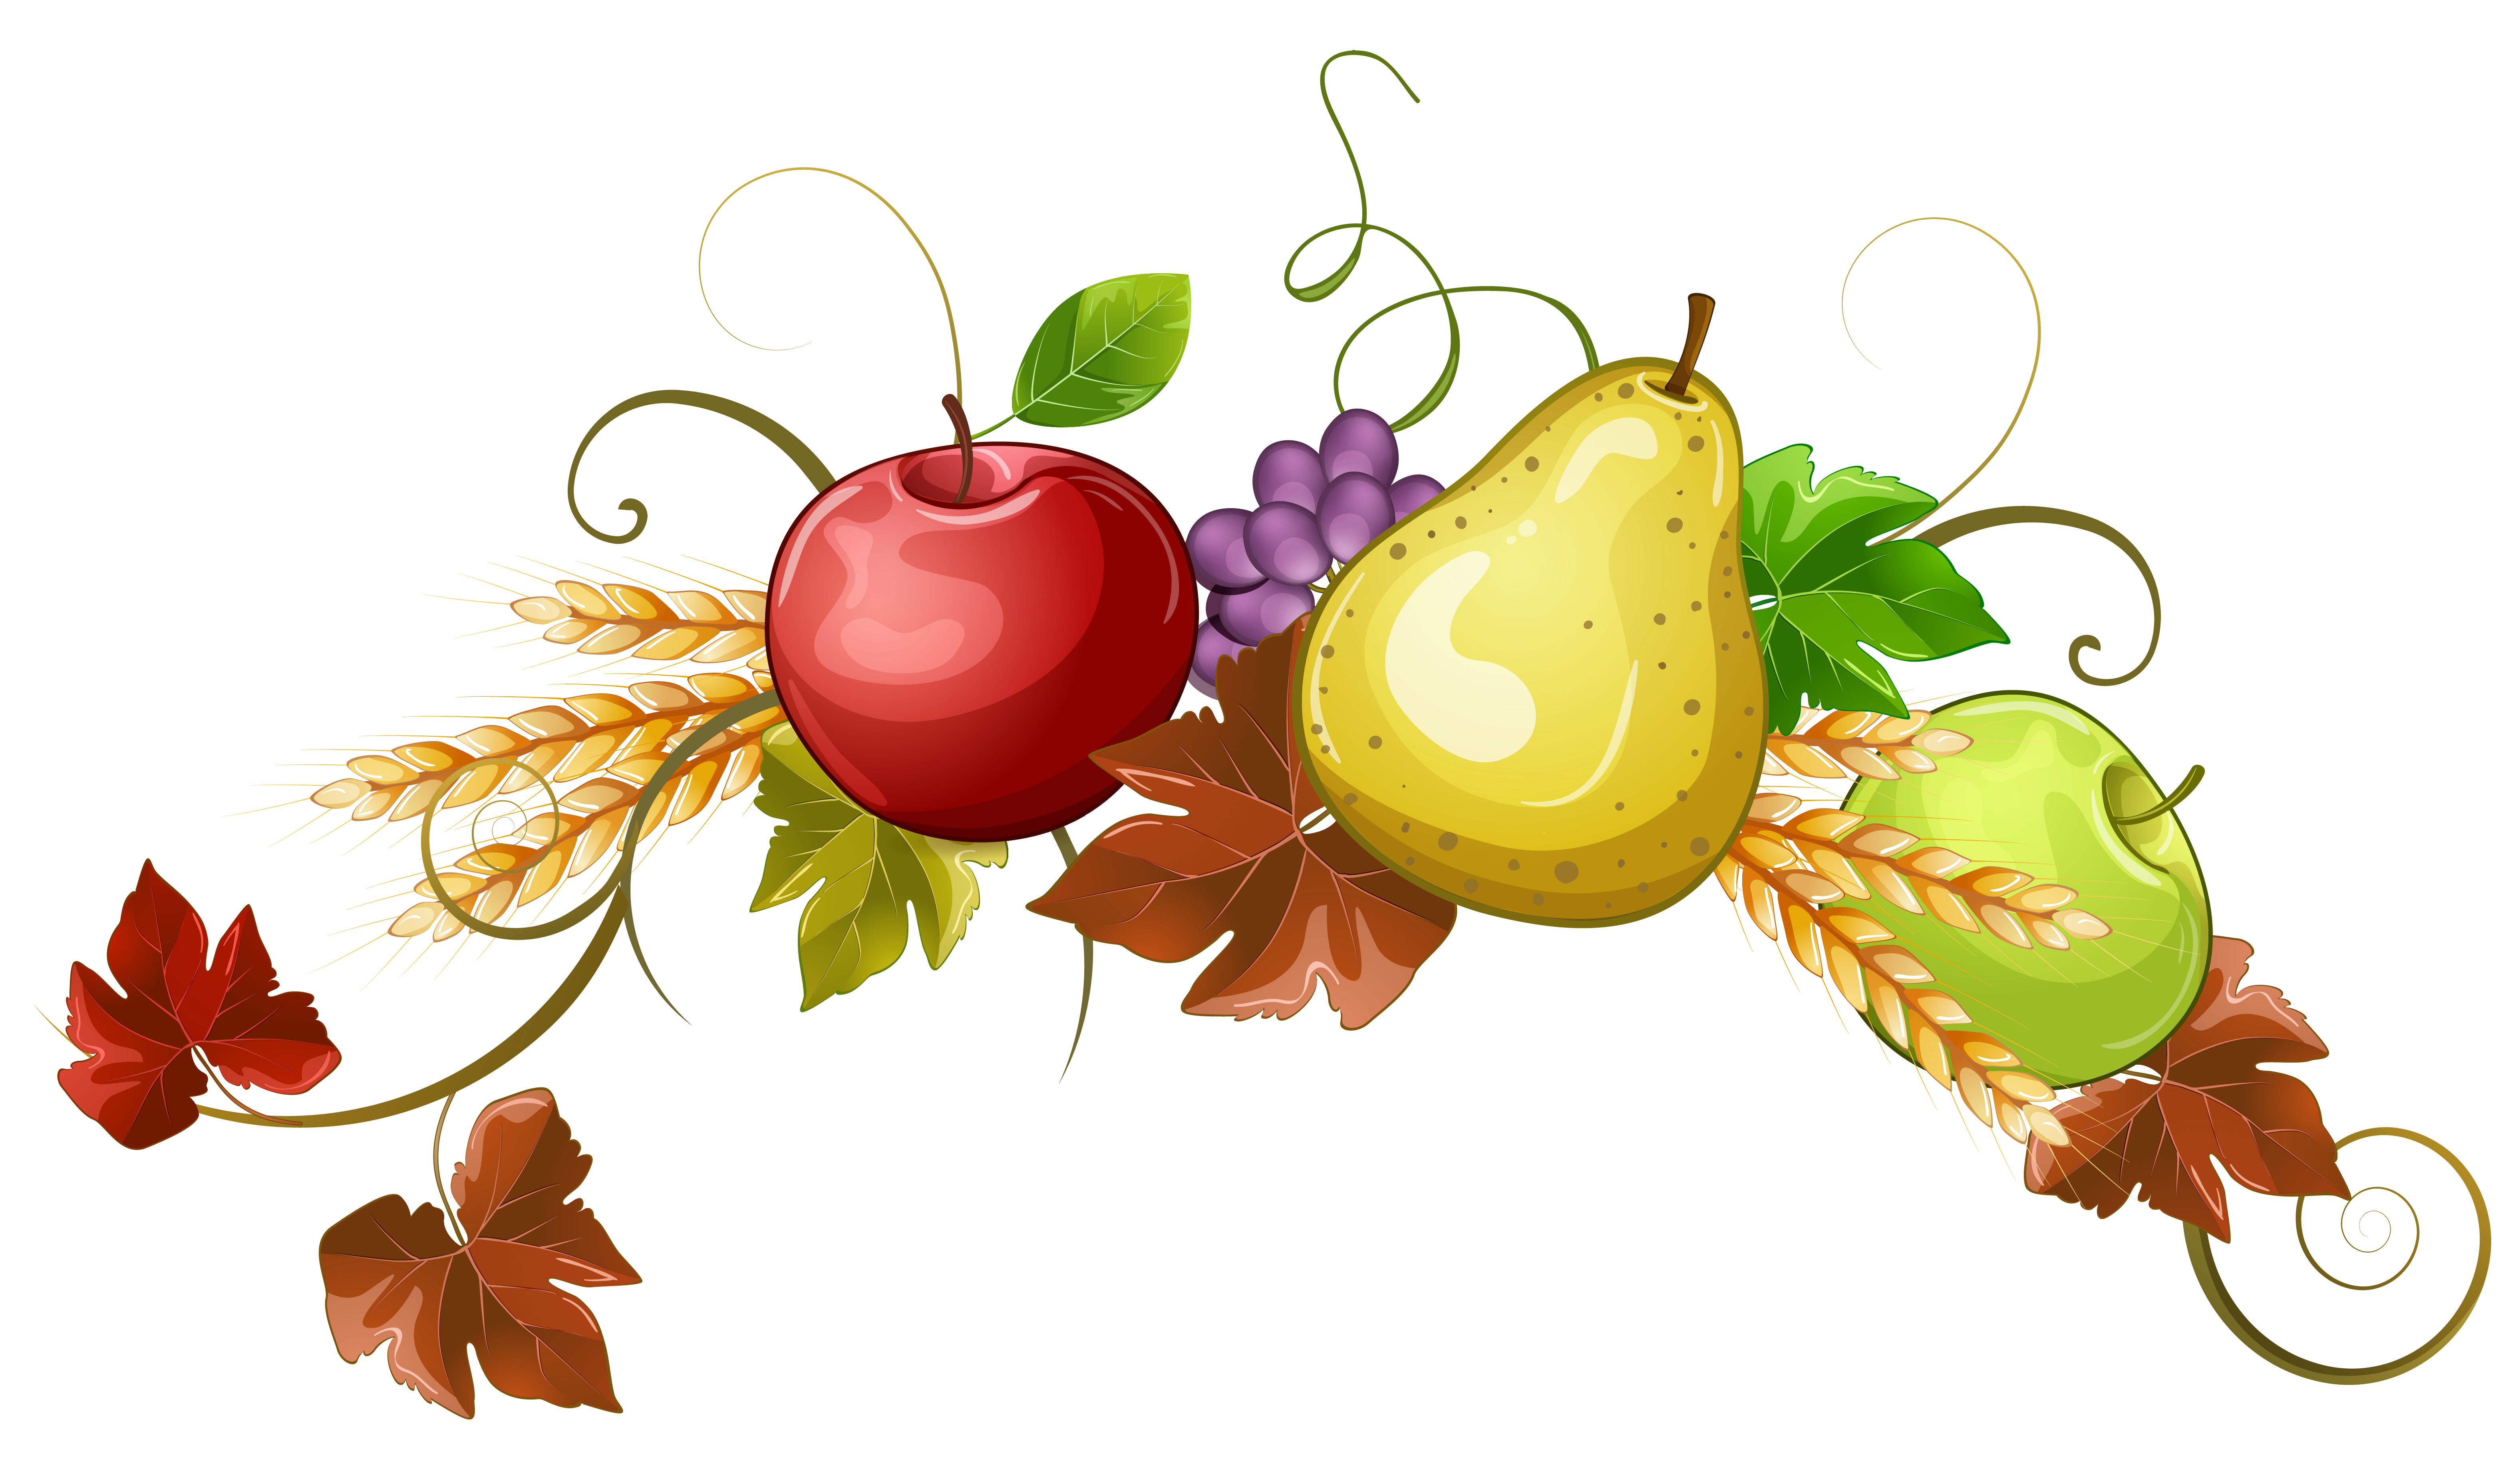 Autumn Fruits Decoration Clipart PNG Image.